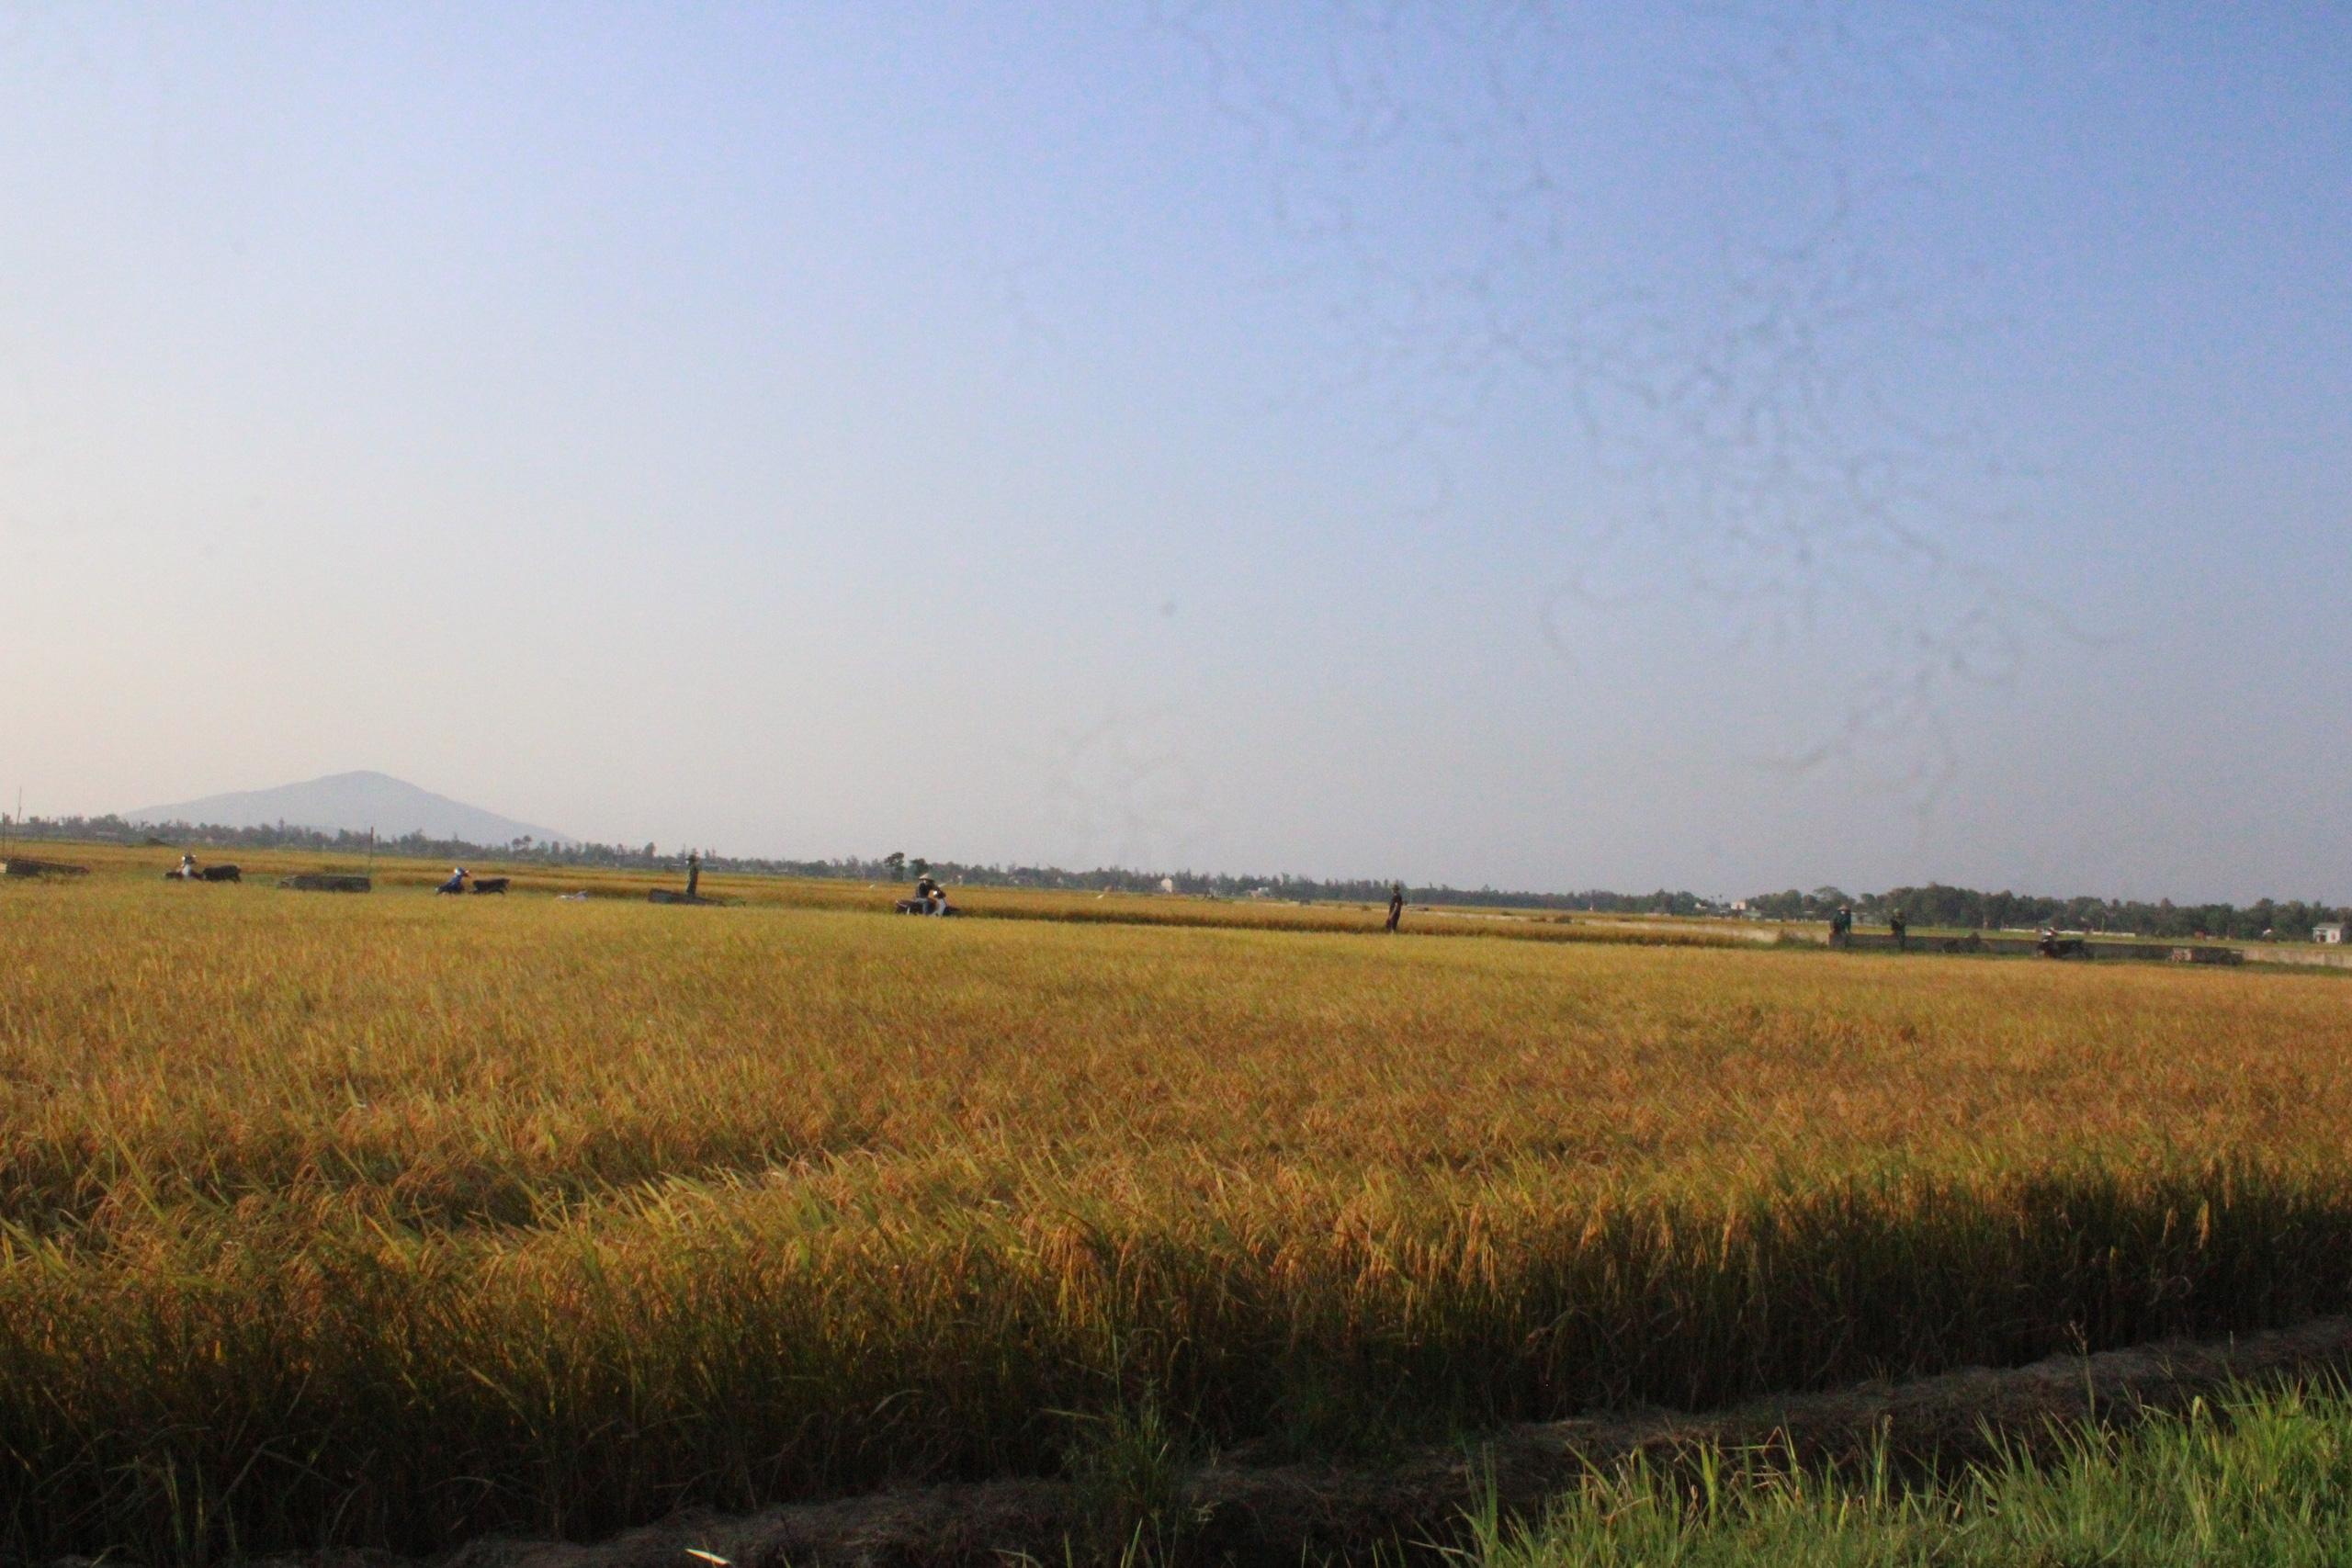 Hà Tĩnh: Lúa chín rộ, nông dân đỏ mắt tìm máy gặt - Ảnh 2.